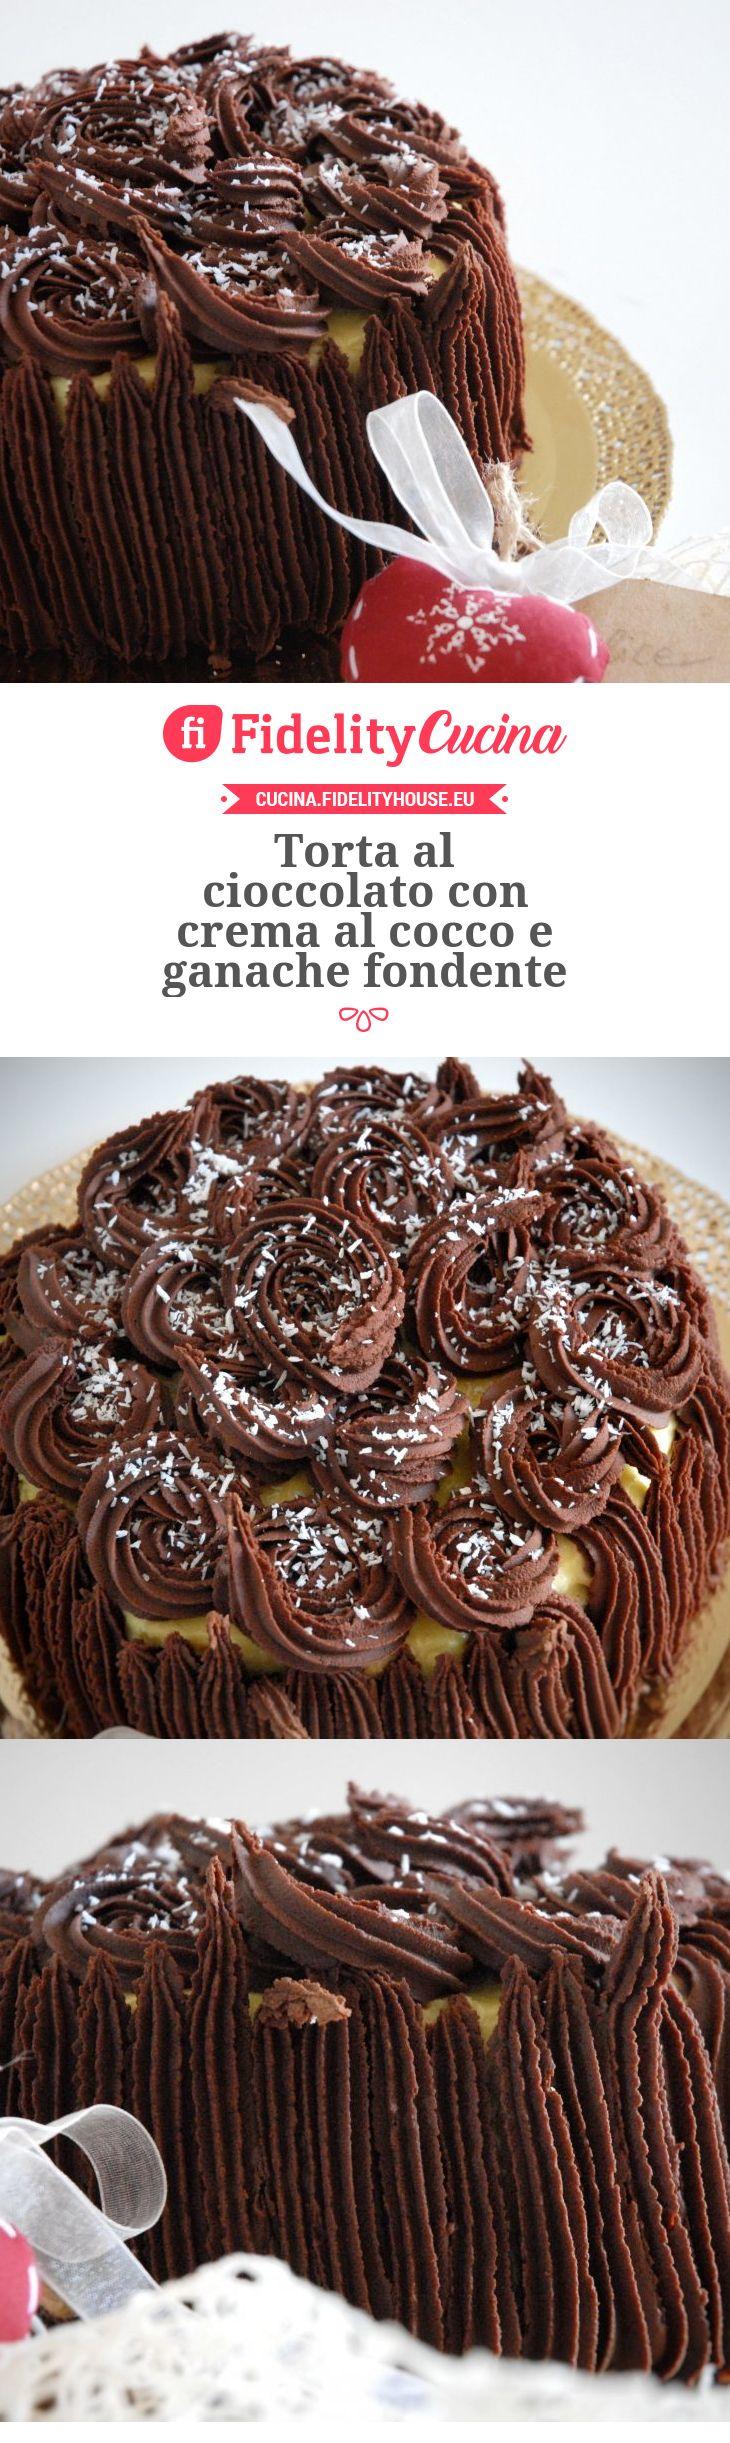 Torta Al Cioccolato Con Crema Al Cocco E Ganache Fondente Ricetta